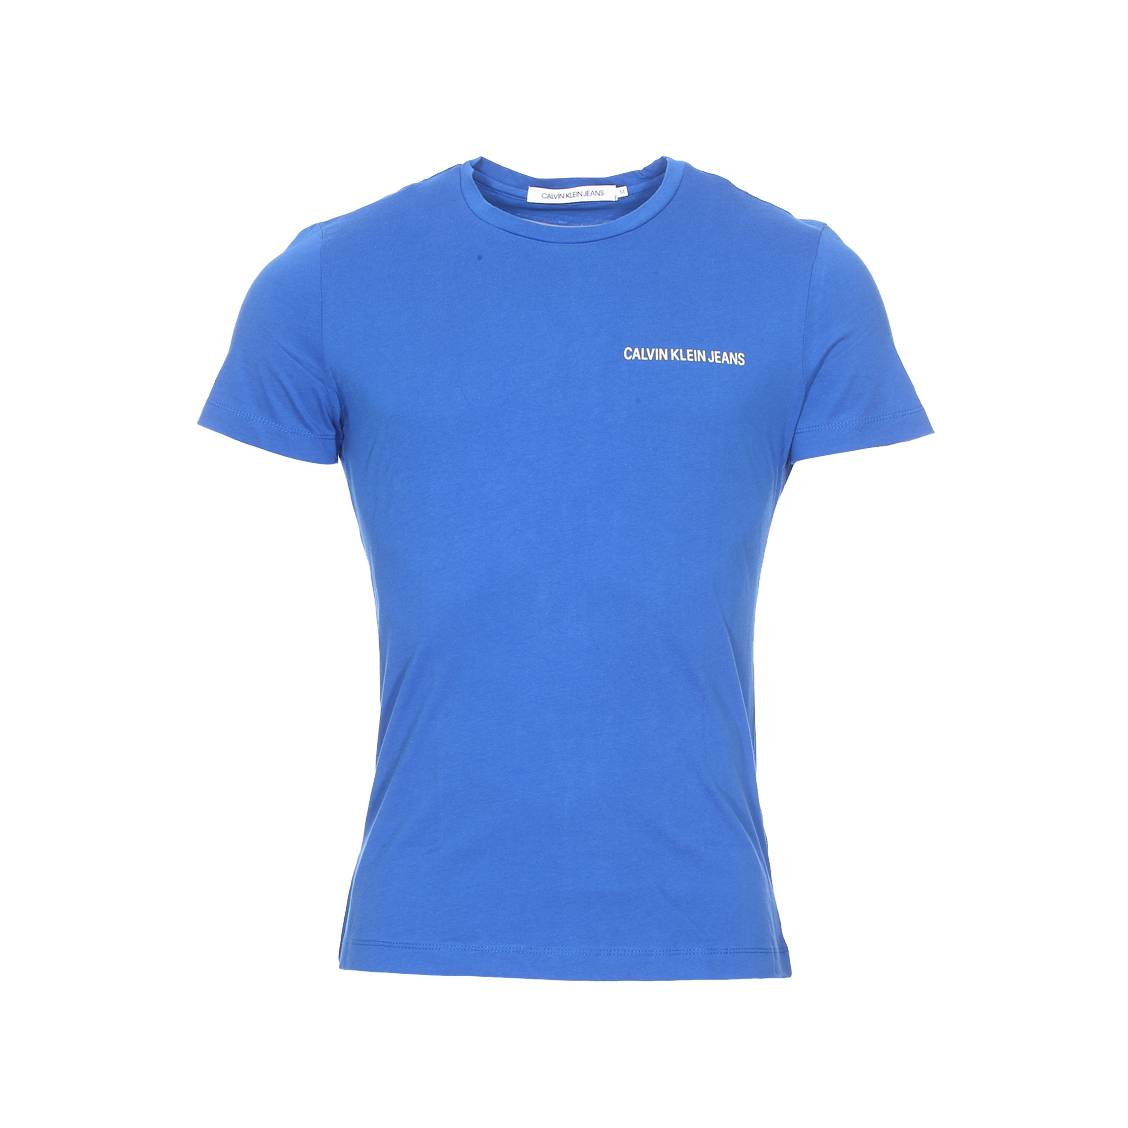 Tee-shirt col rond  chest institutional en coton bleu méditerranée floqué